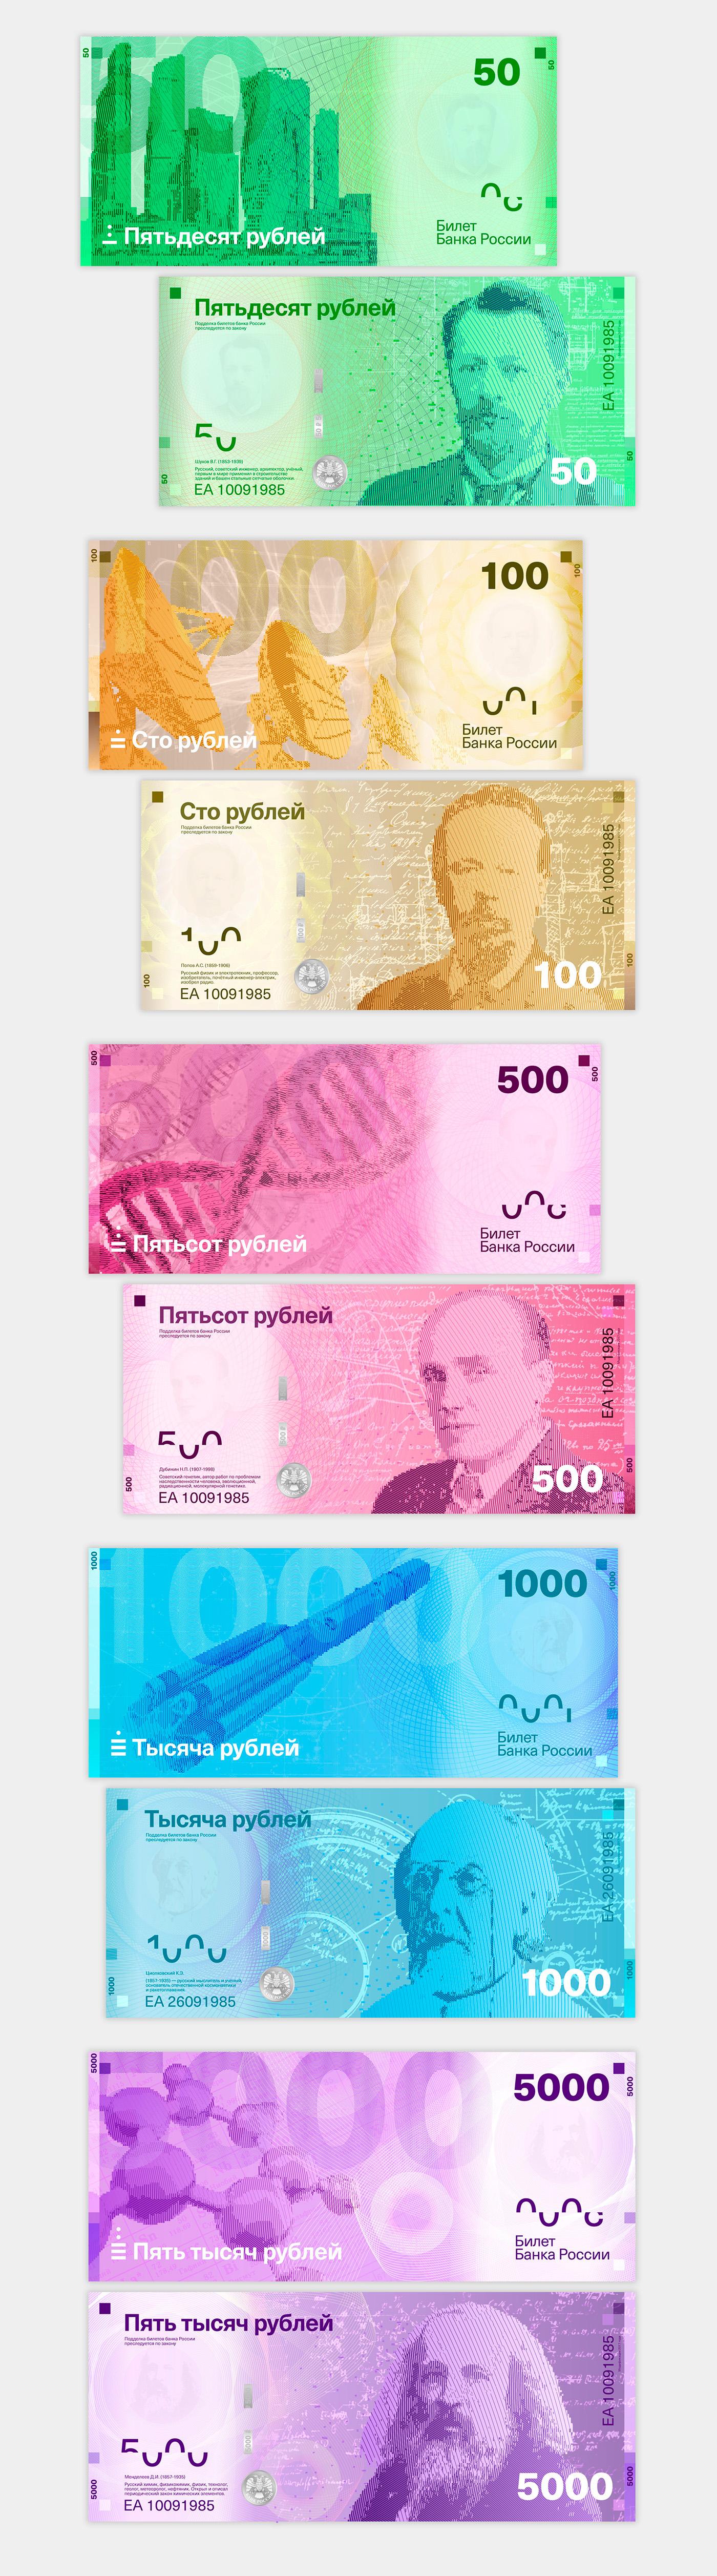 Пермский дизайнер Егор Шабанов дизайн новых купюр 2.jpg